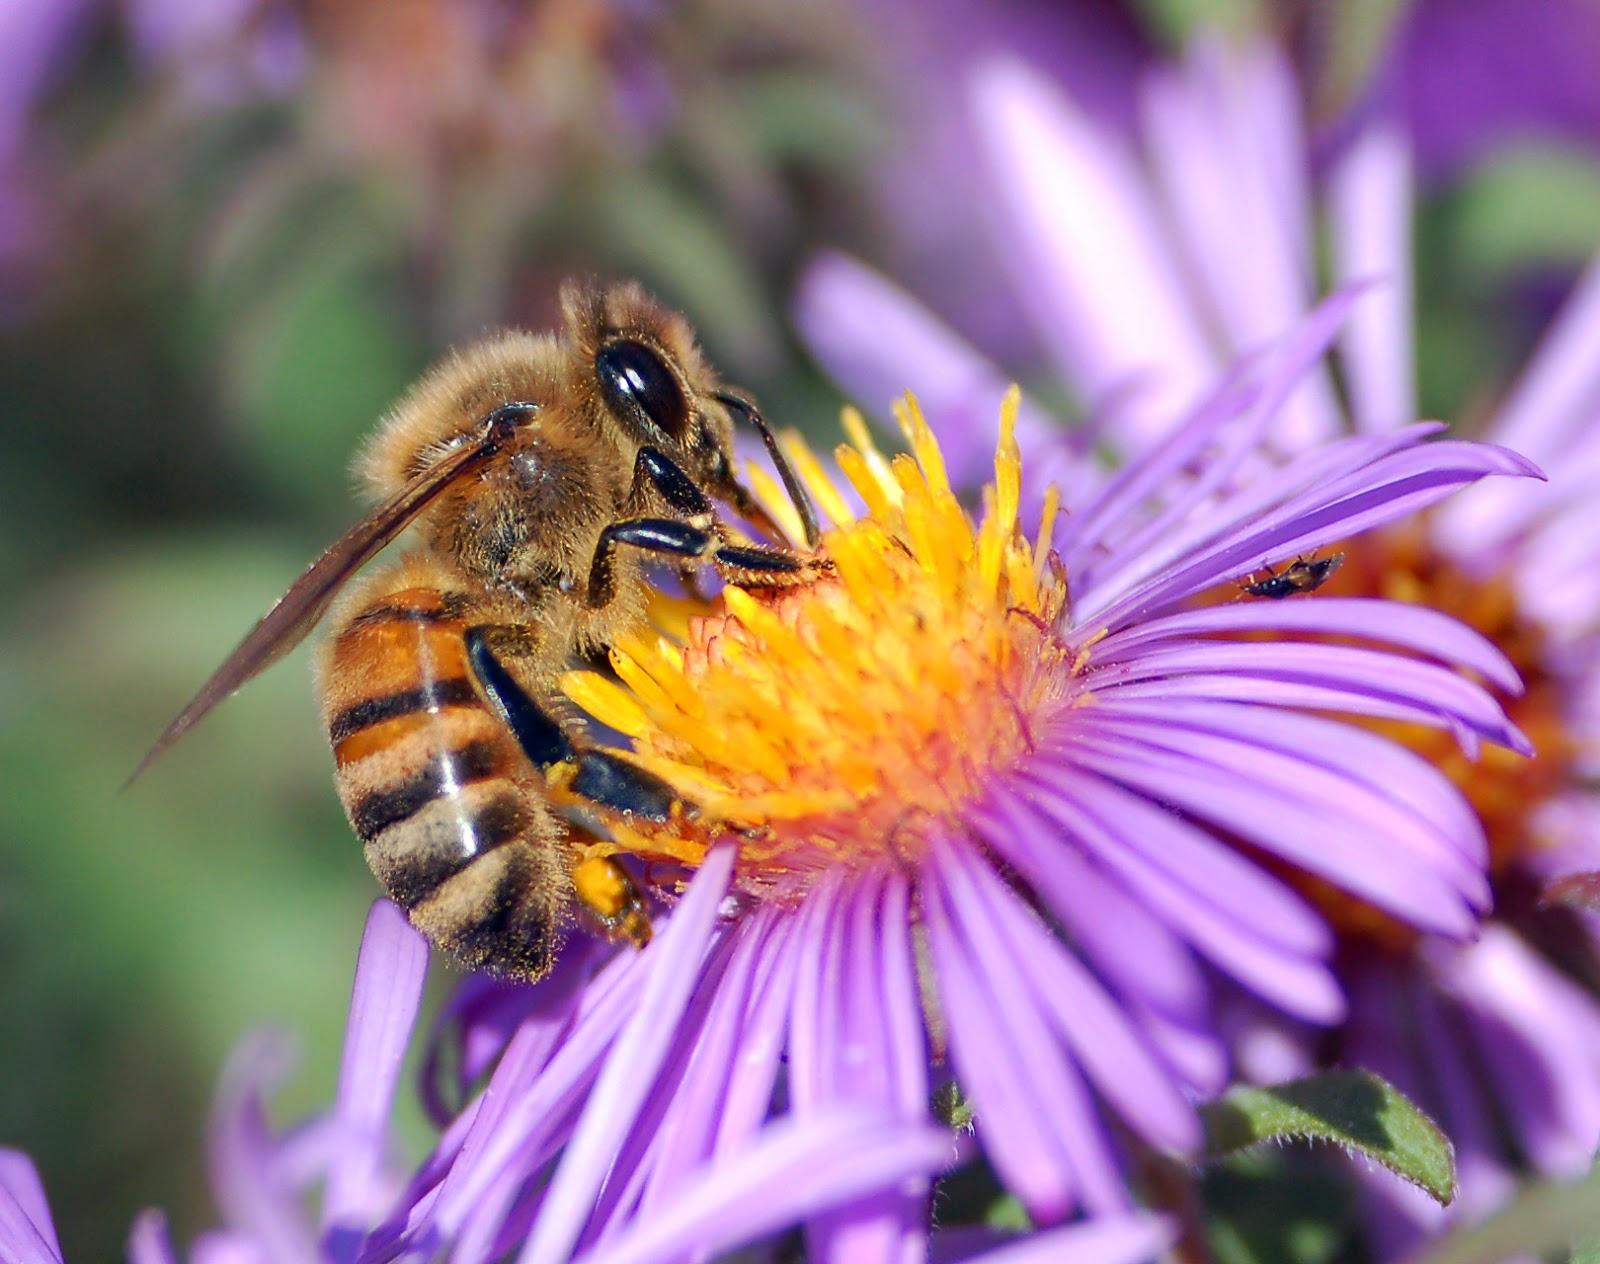 European_honey_bee_extracts_nectar[1]